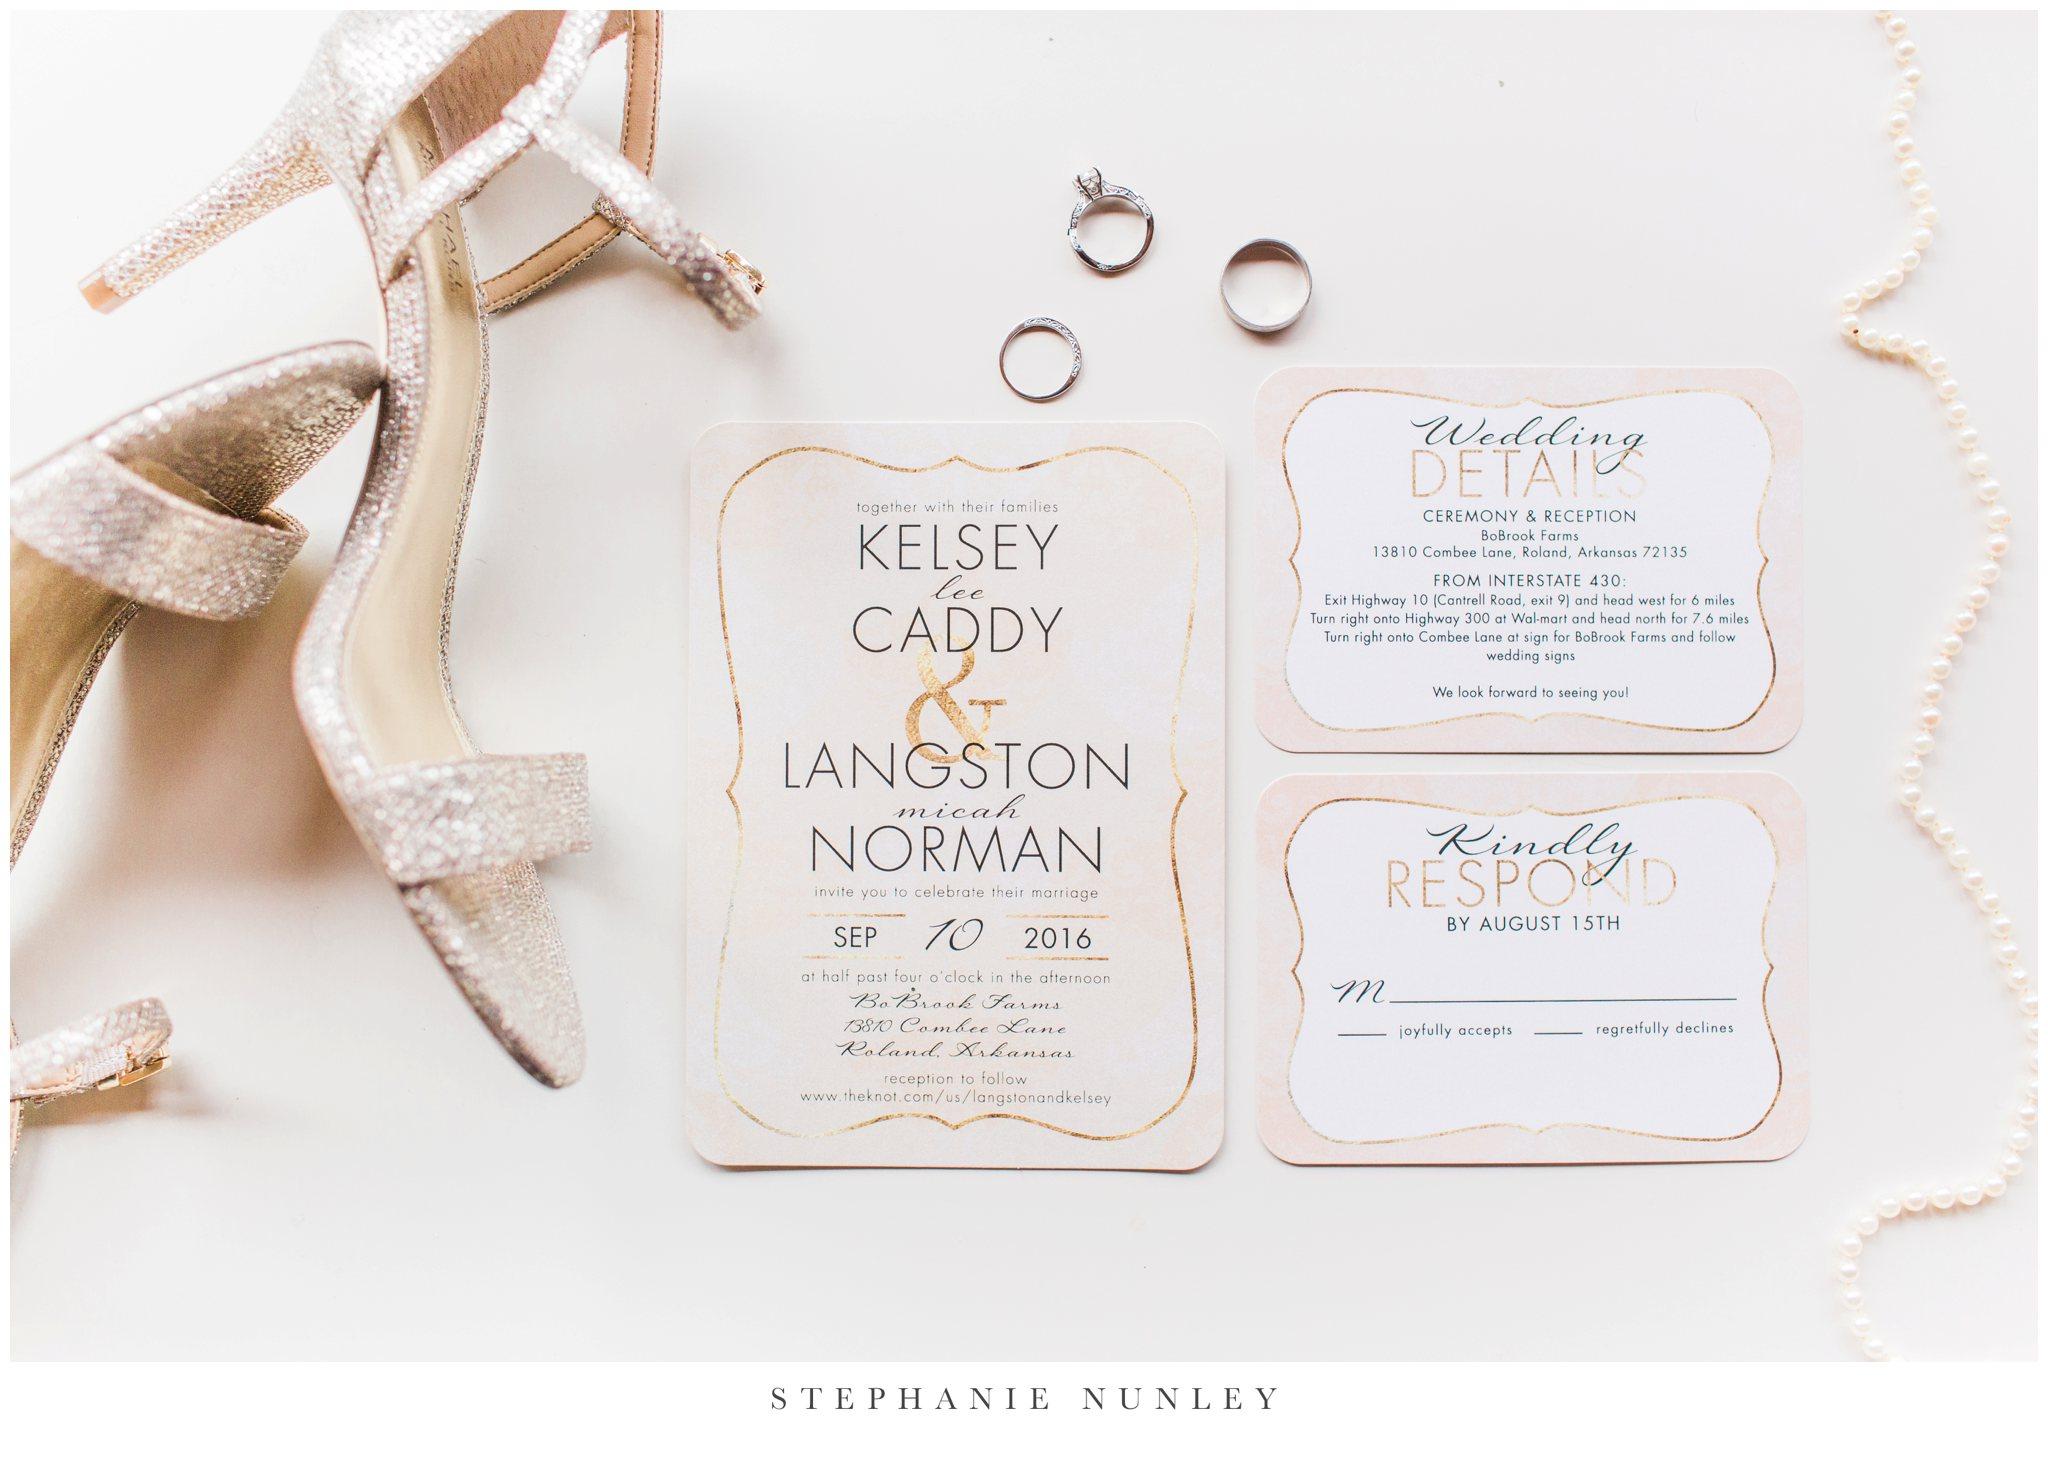 arkansas-outdoor-film-inspired-wedding-0003.jpg